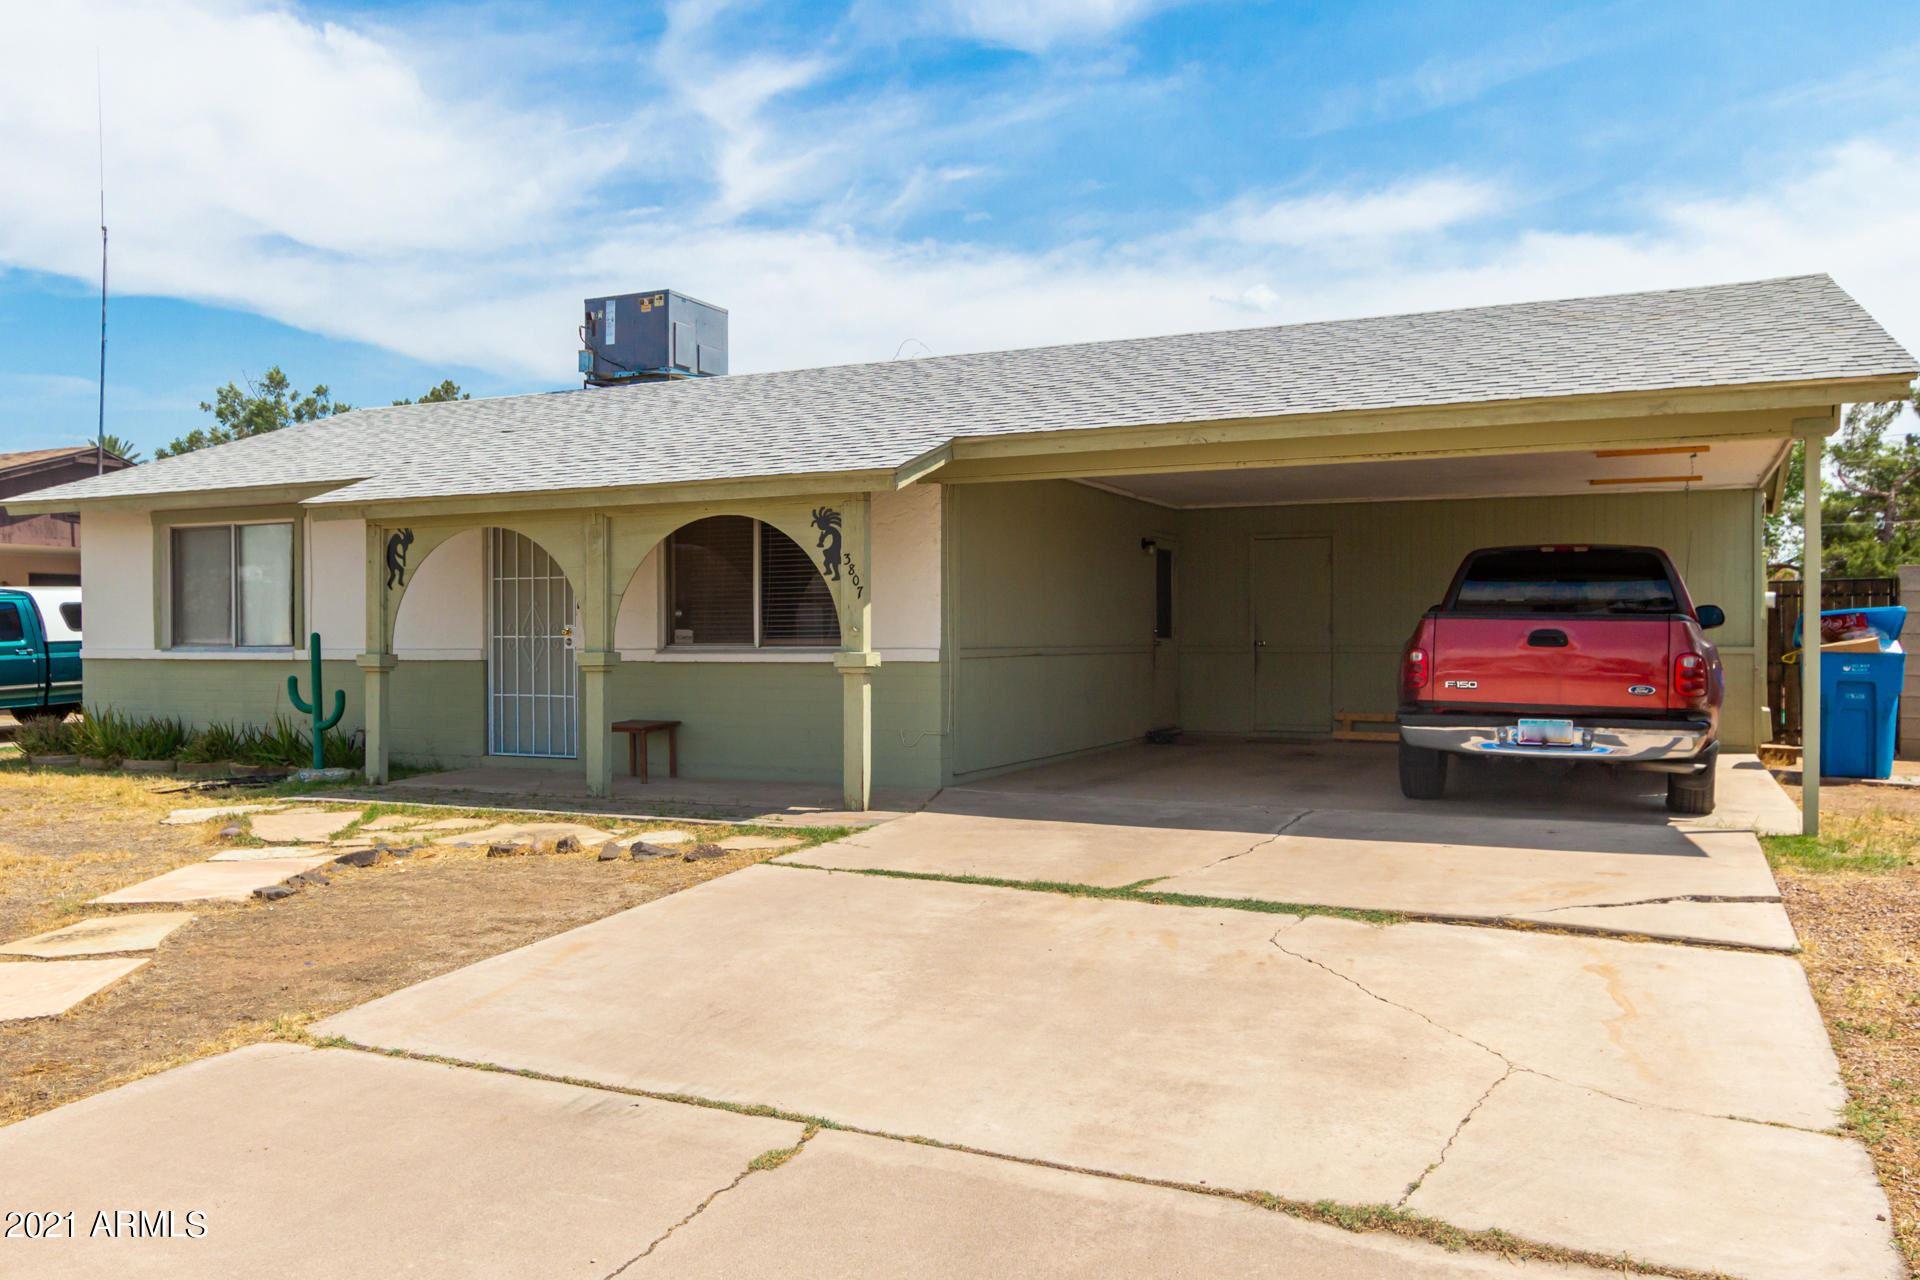 3807 W WETHERSFIELD Road, Phoenix, AZ 85029 - MLS#: 6267632